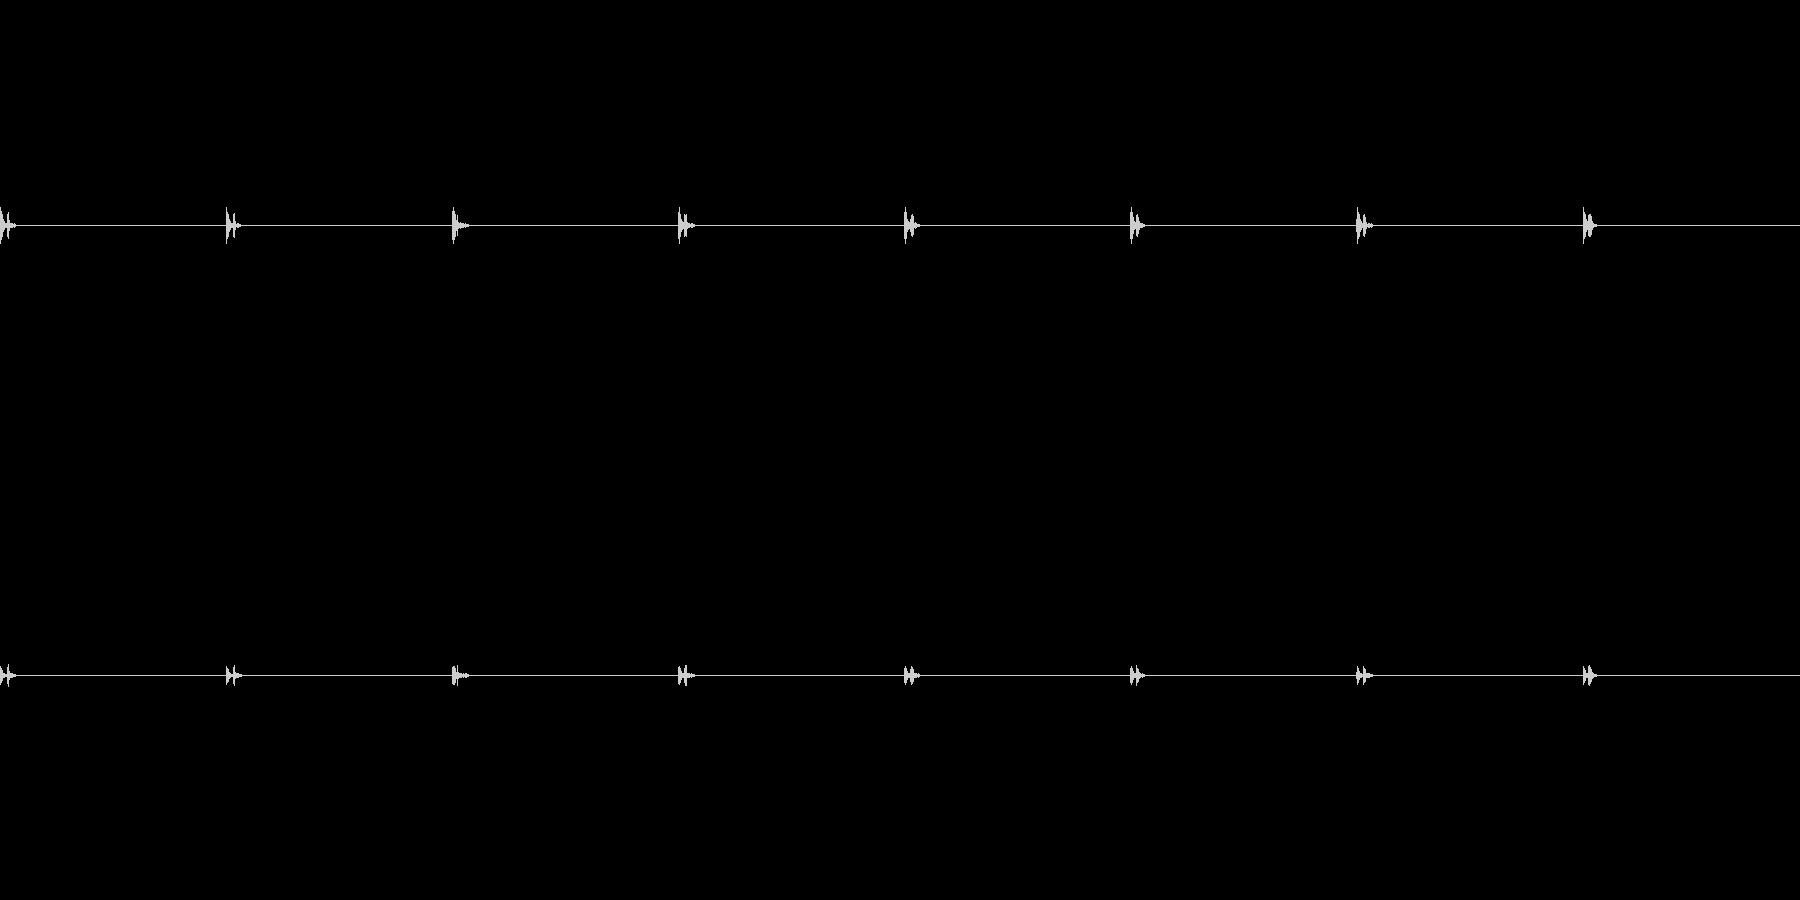 [時計 秒針]の未再生の波形